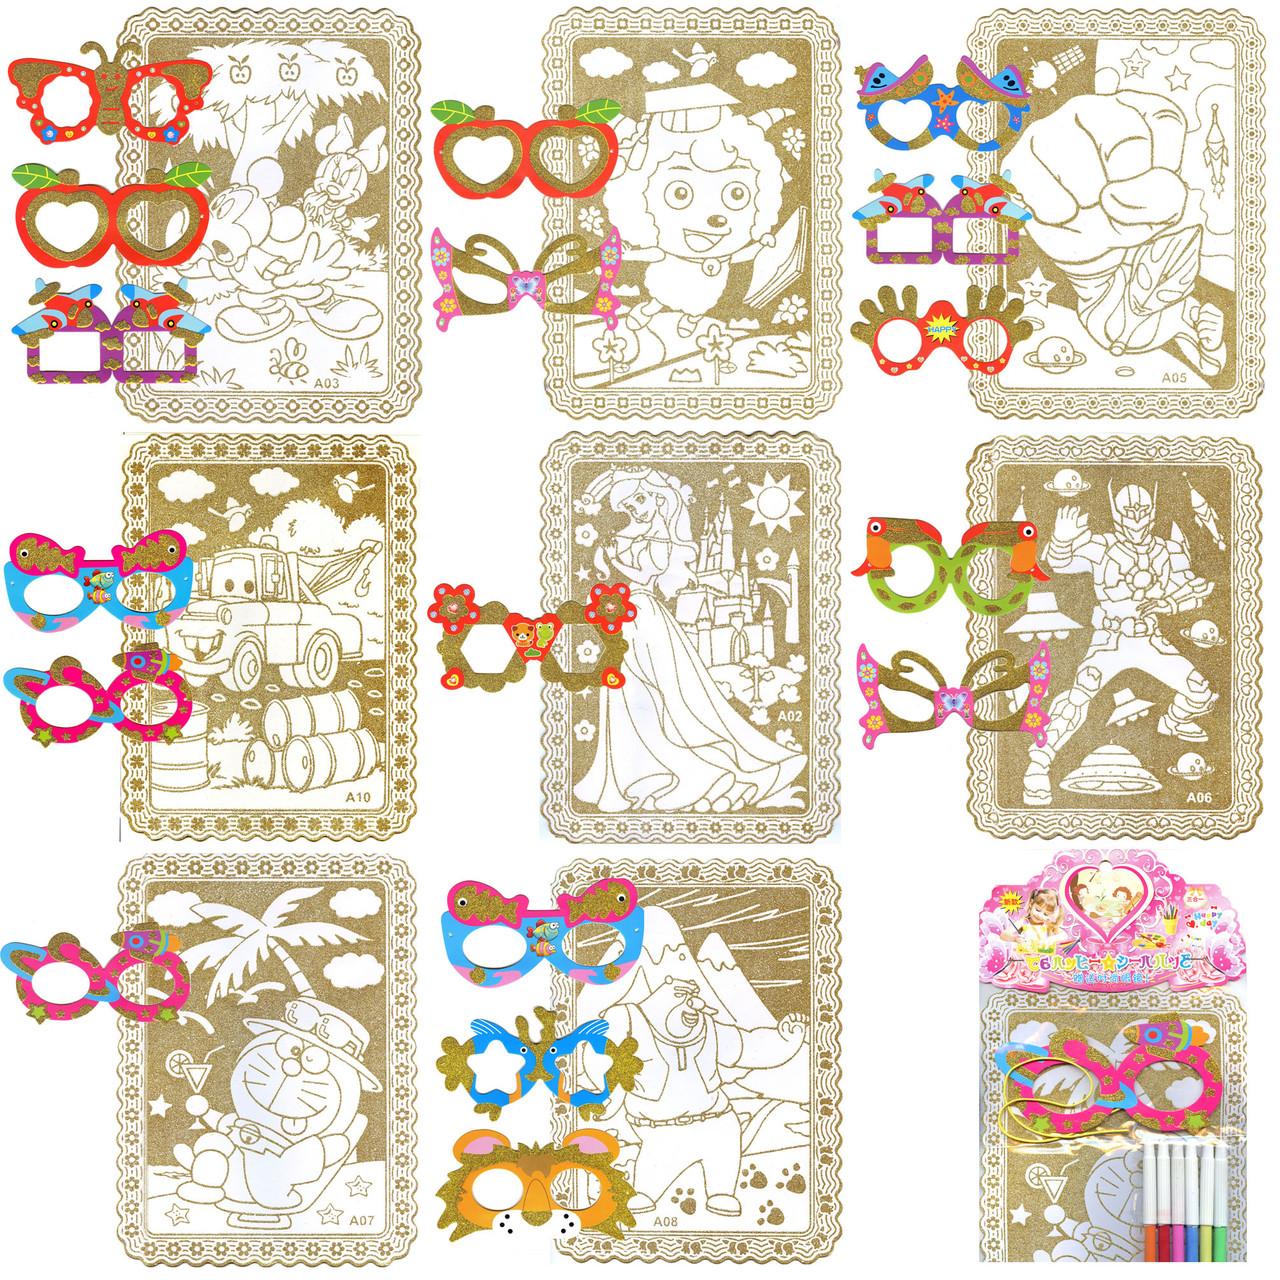 """Раскраски В НАБОРЕ A-5, """"ЗОЛОТЫЕ"""", 1 картонная-раскраска, фон-золотой глиттер + МАСКА-ОЧКИ + 6фломастеров"""